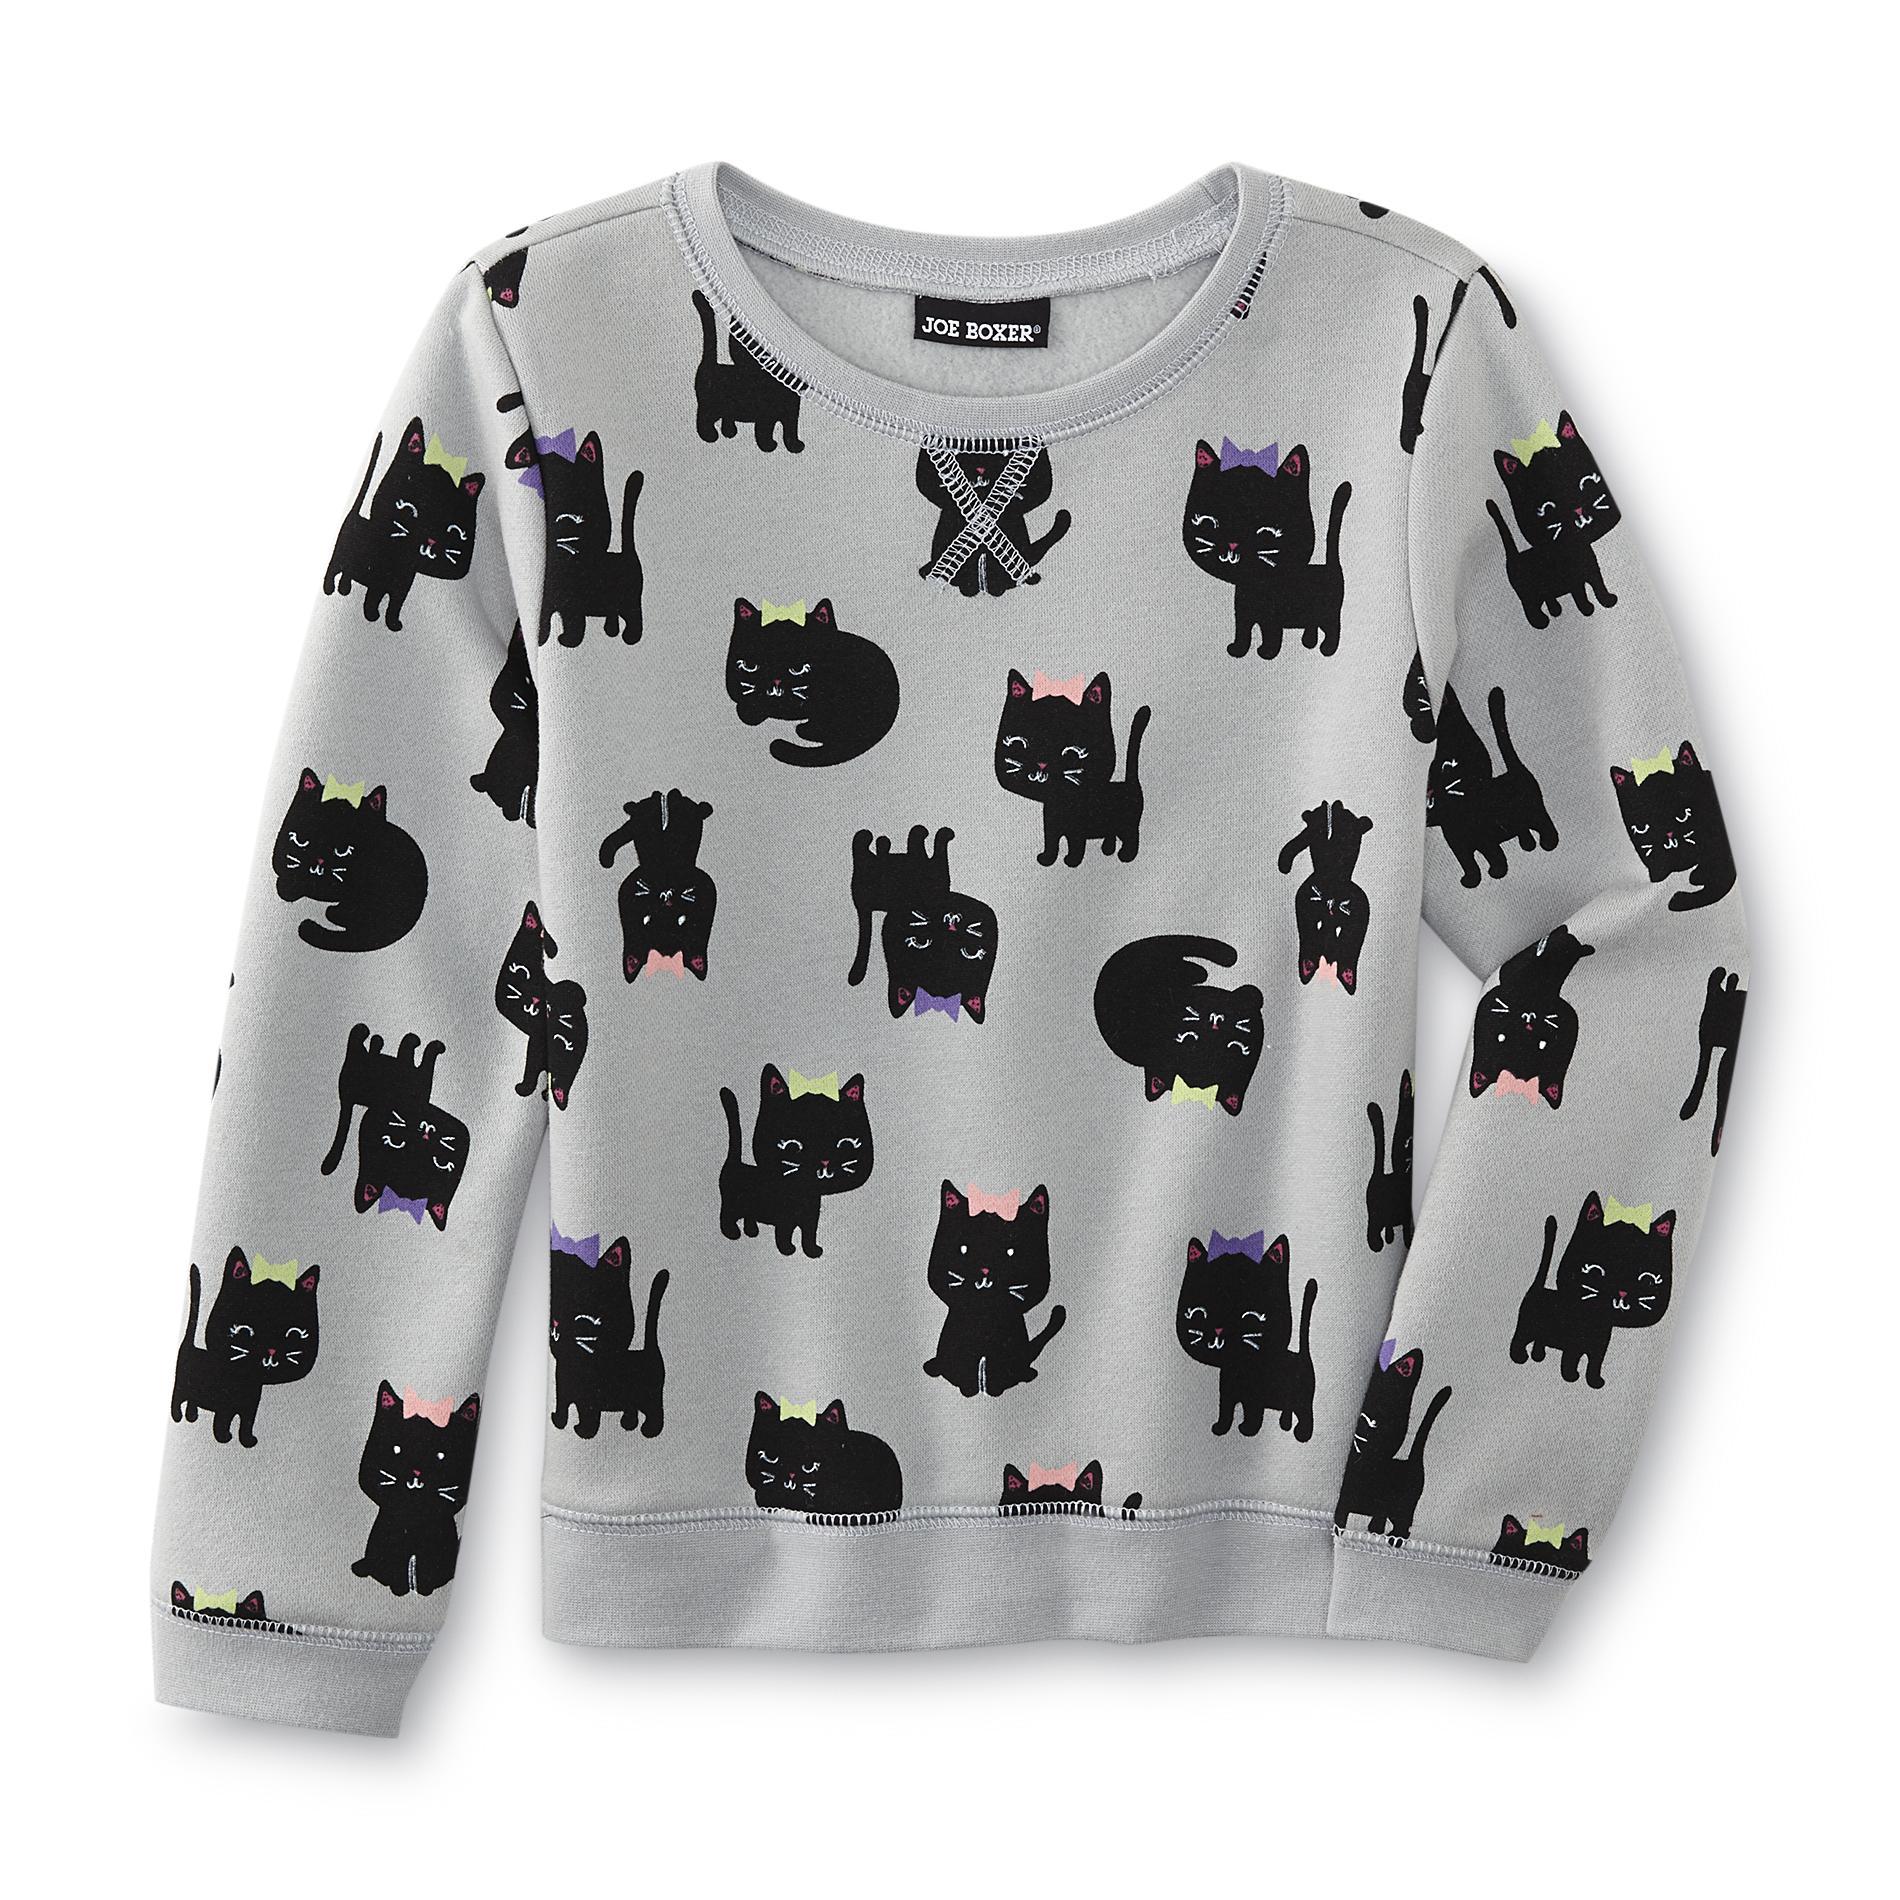 Infant & Toddler Girl's Graphic Sweatshirt - Kittens